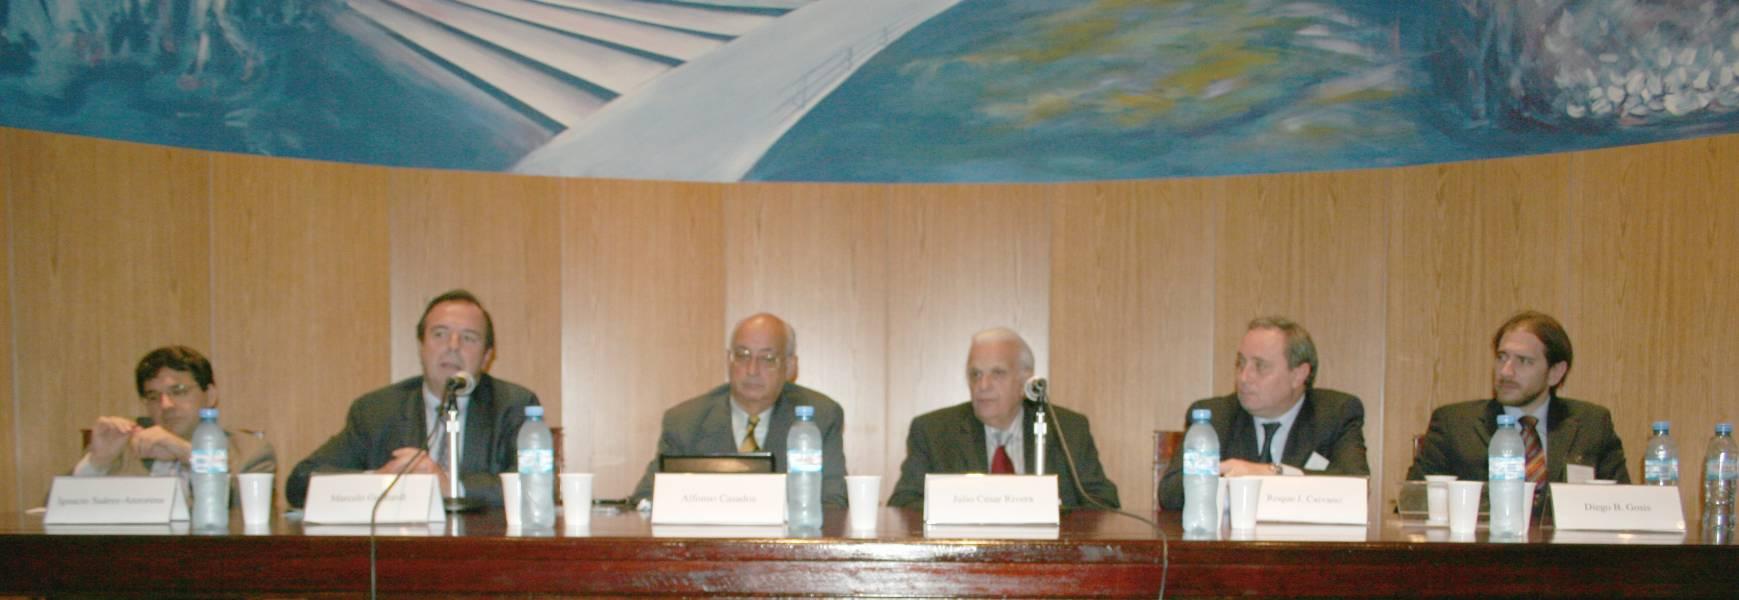 Ignacio Suárez Anzorena, Marcelo Gebhardt, Alfonso Casados, Julio C. Rivera, Roque J. Caivano y Diego Gosis